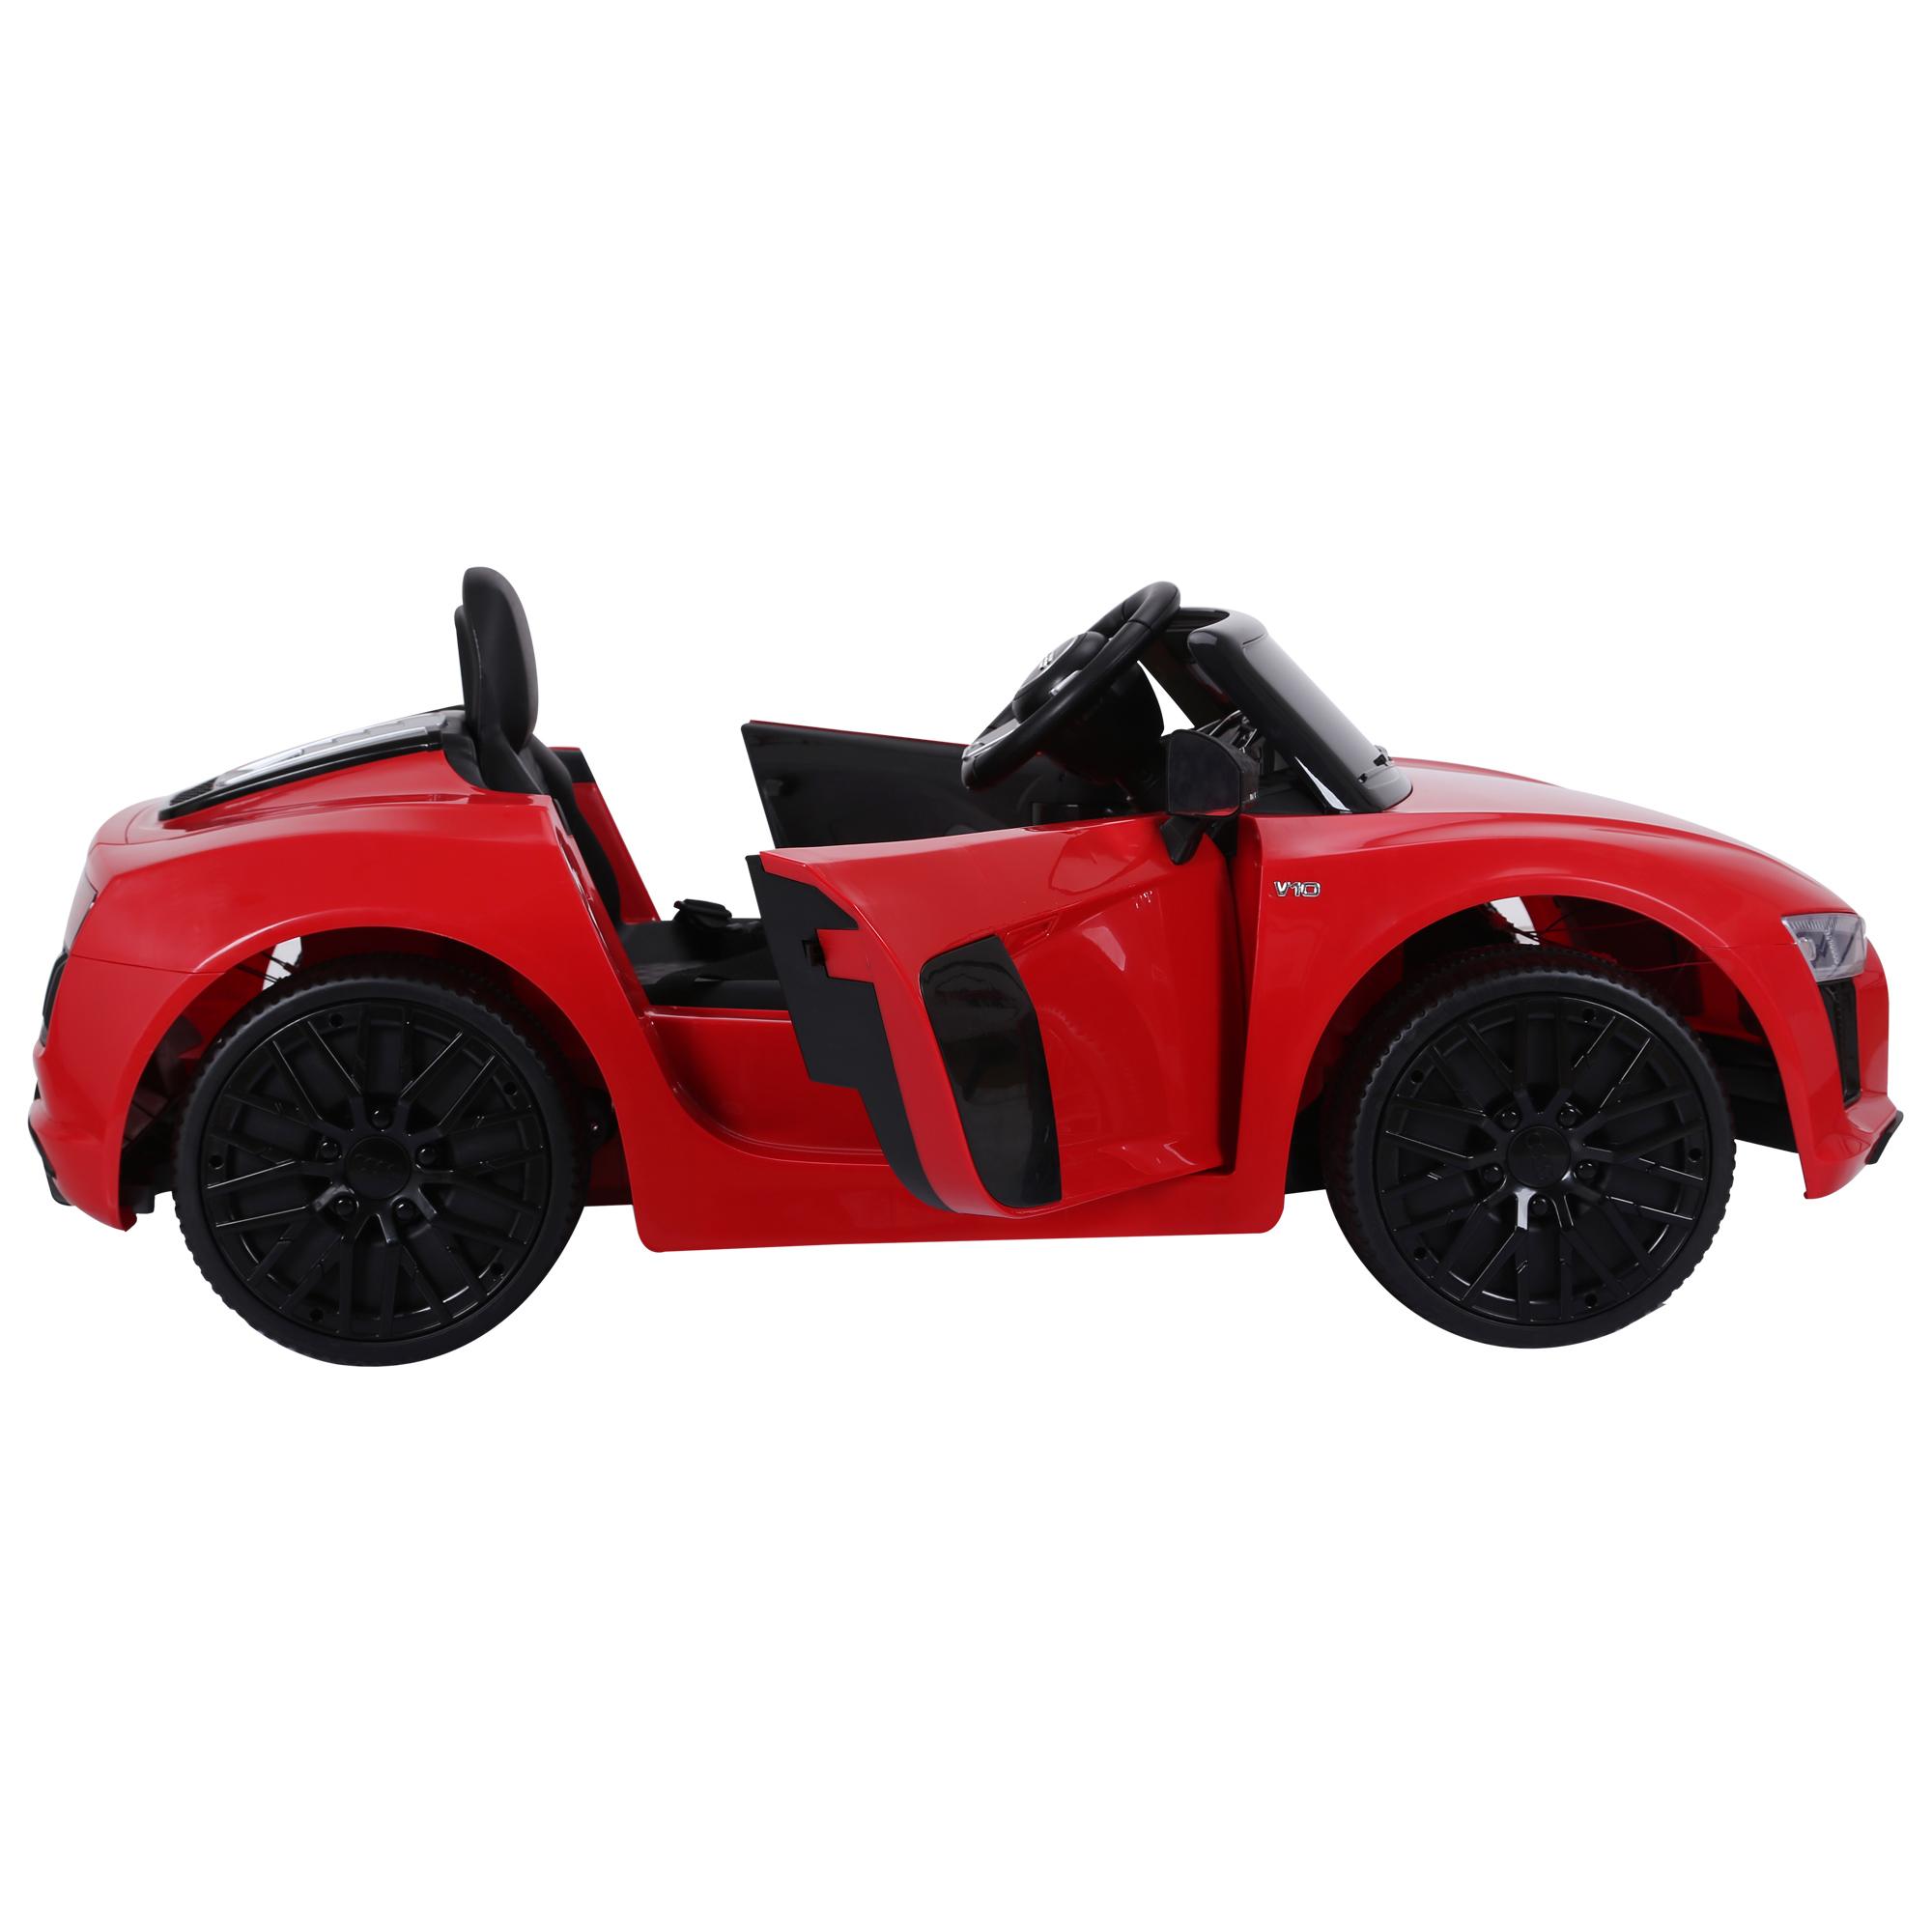 Coche-Electrico-para-Nino-3-8-Anos-Audi-R8-Bateria-12V-Control-Remoto-Carga-30kg miniatura 25